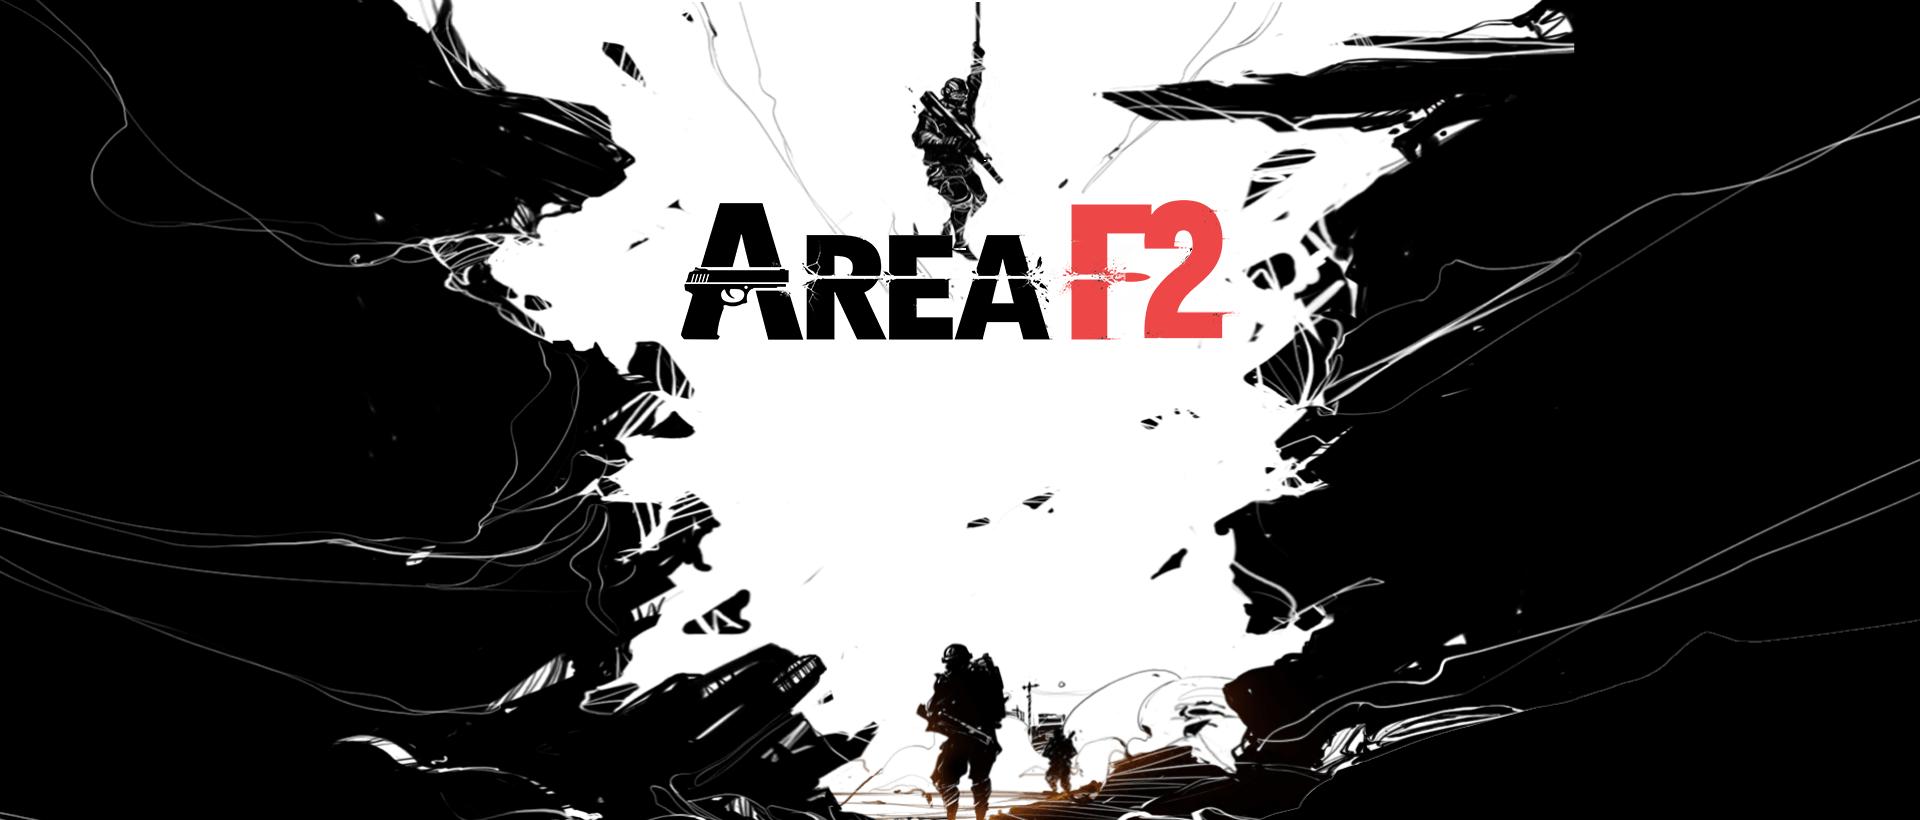 حذف بازی area f2